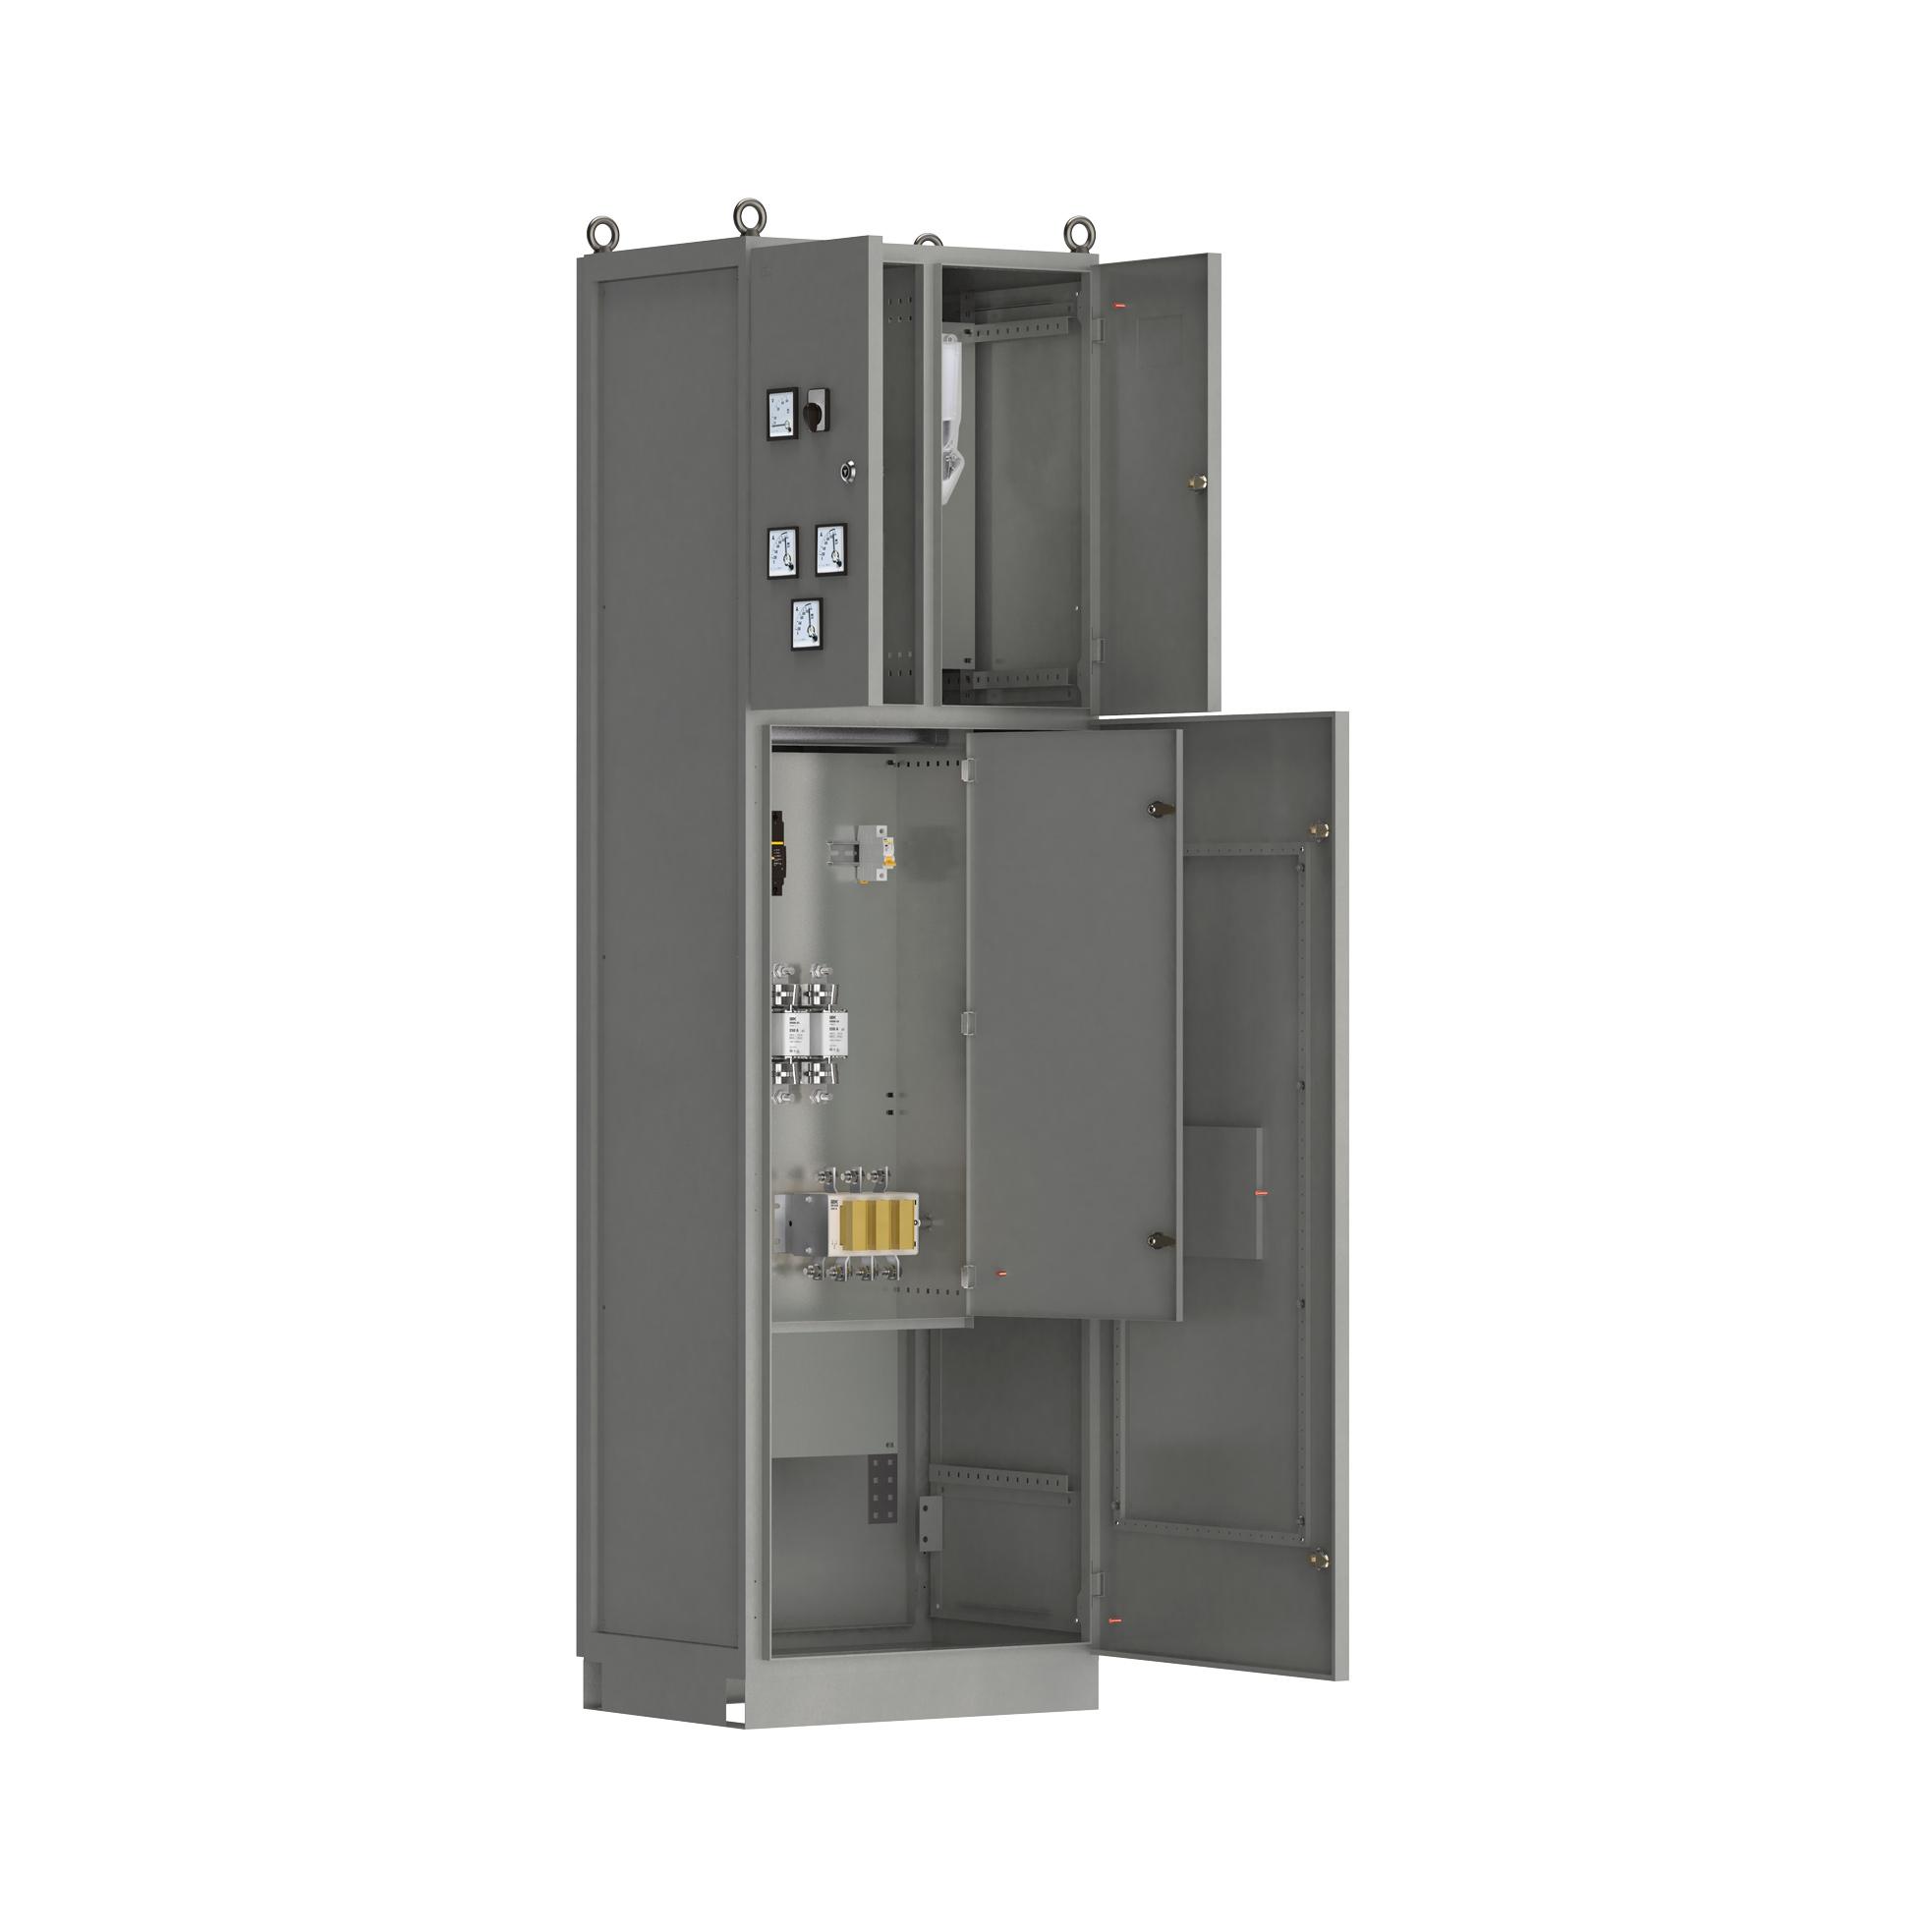 Панель вводная ВРУ-8504 МУ 3ВП-5-25-0-30 рубильник 1х250А плавкие вставки 3х250А выключатель автоматический 1Р 1х6А и учет IEK